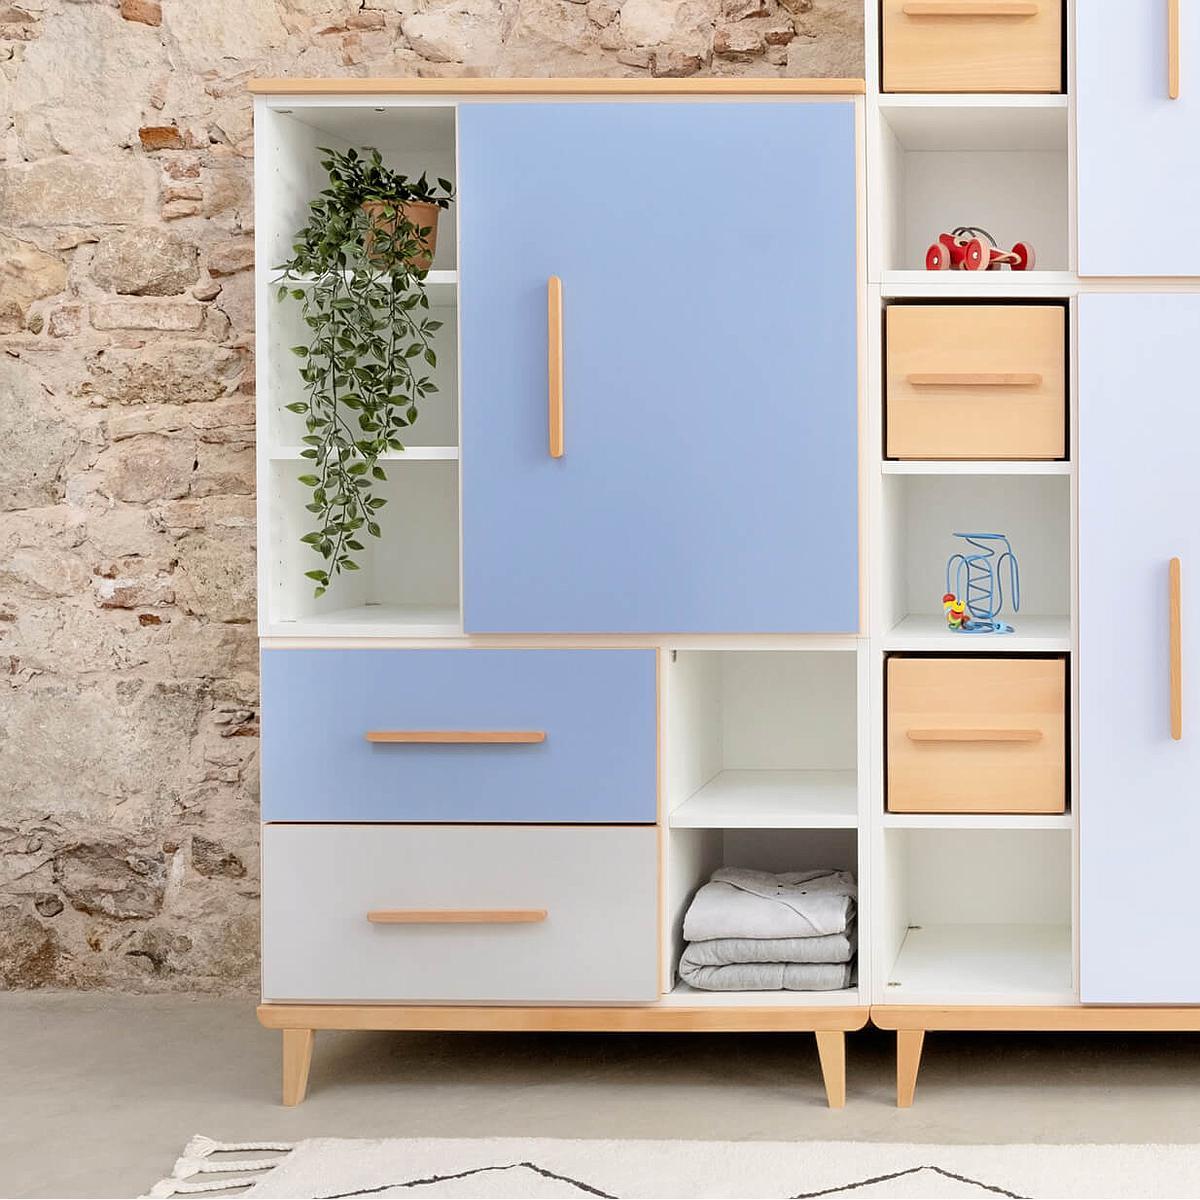 Armoire 147cm 1 porte 2 tiroirs hors façades NADO By A.K.